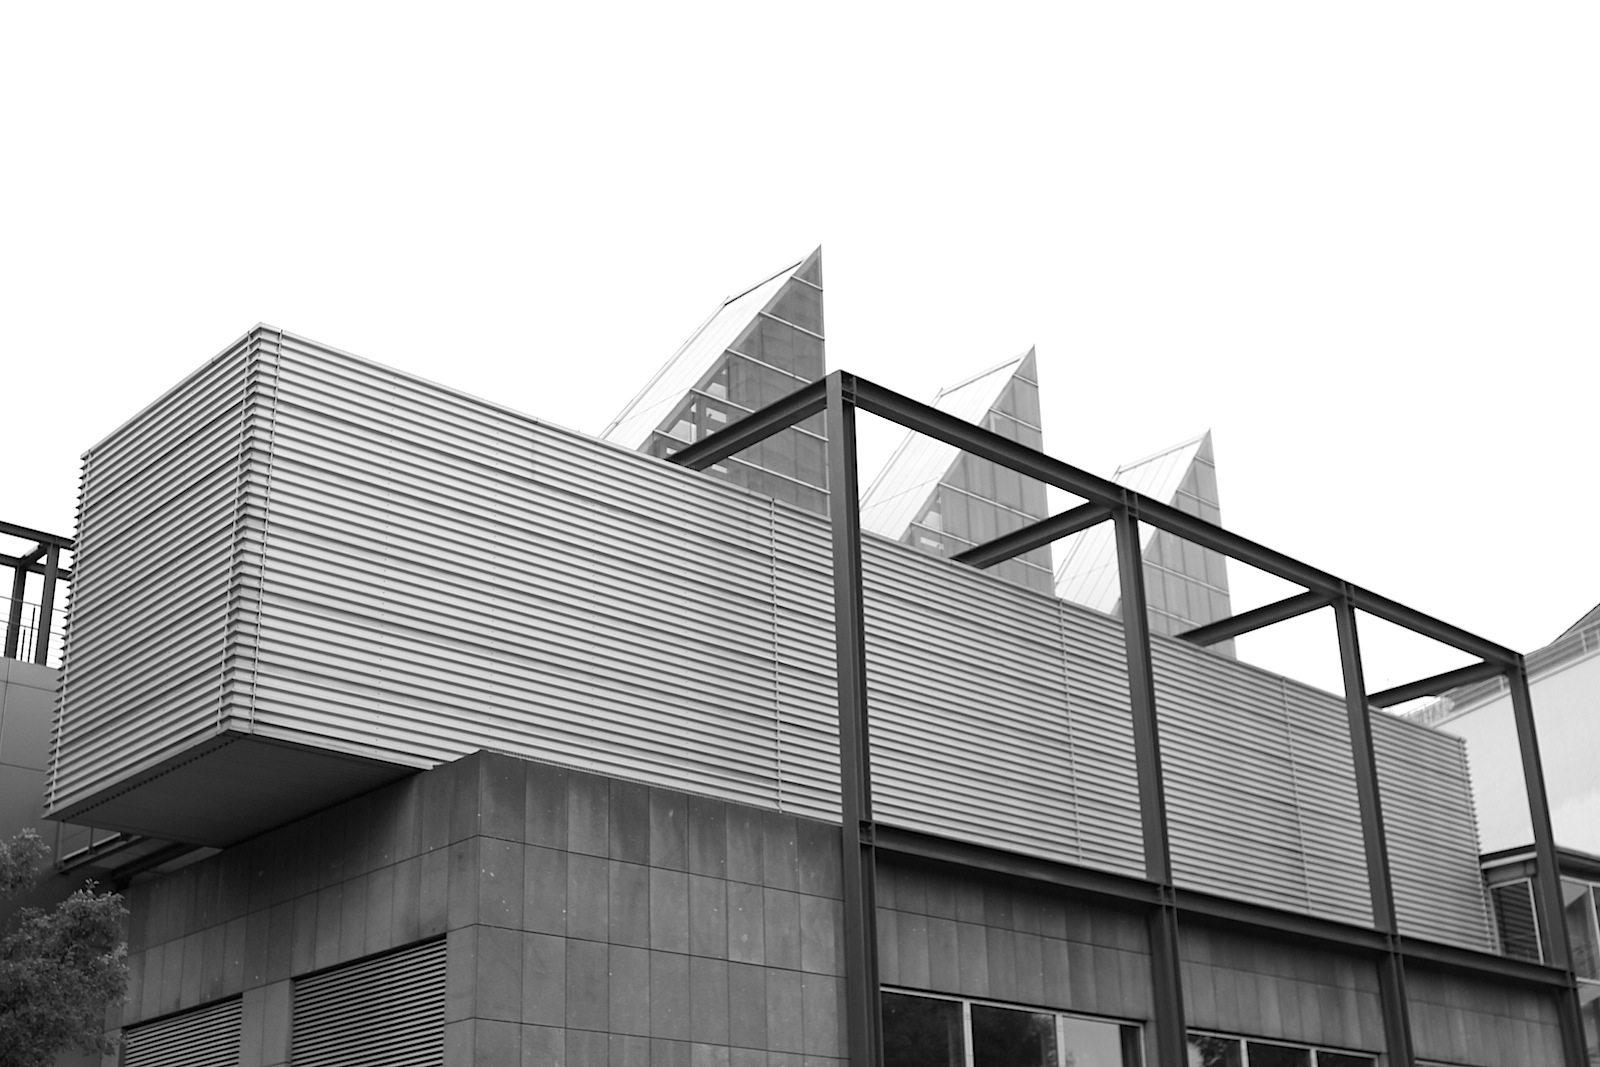 Umspannwerk, 1996. Die weithin sichtbaren drei Hauben sind Abluftkamine für die großen darunterliegenden Transformen.